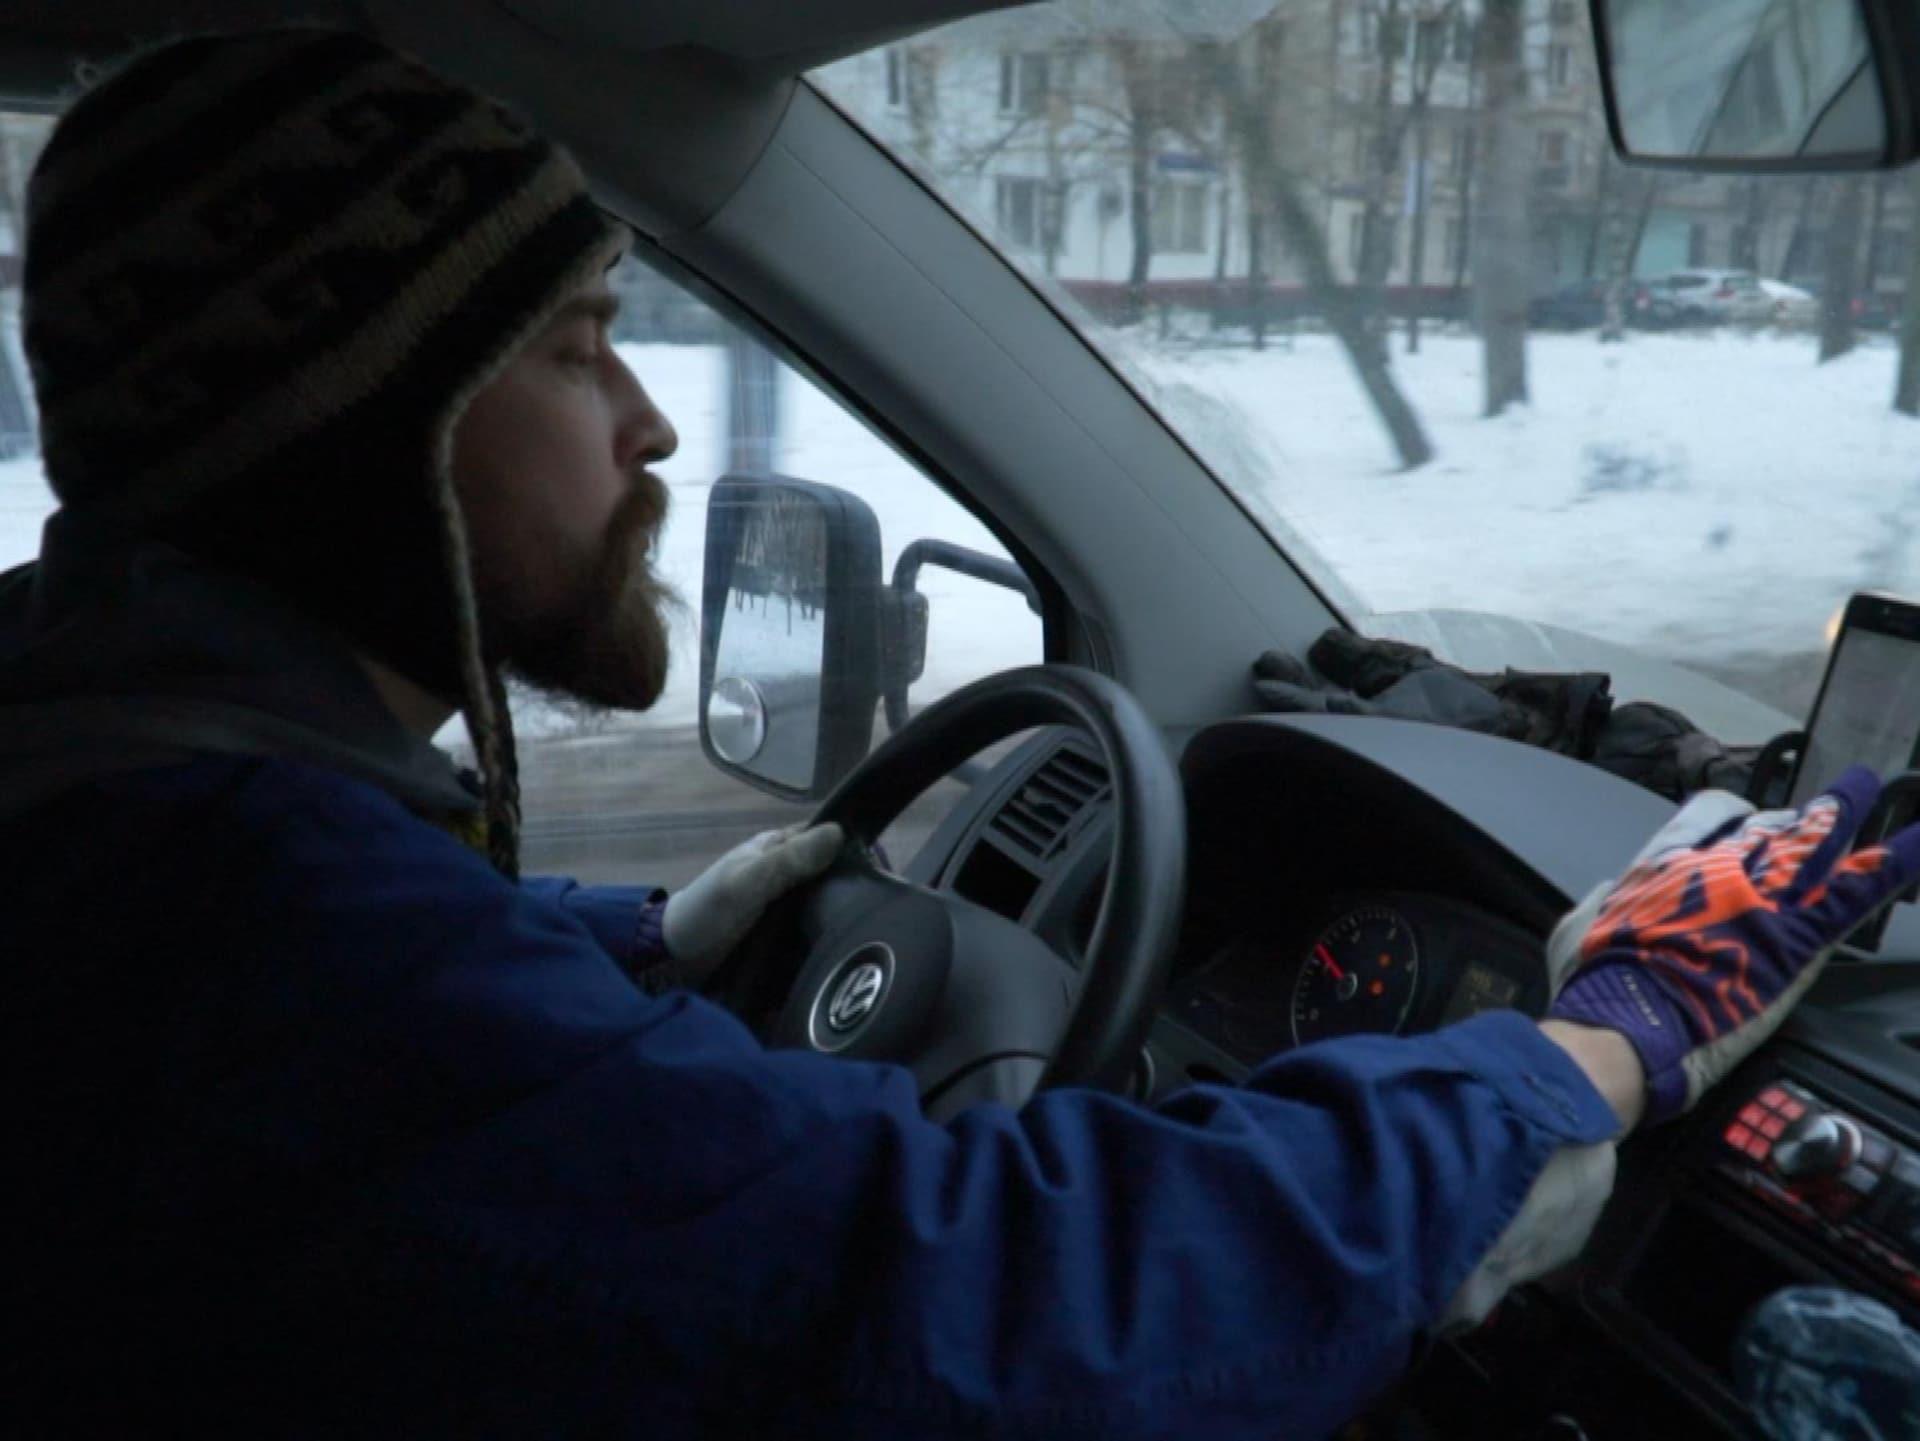 Un homme portant une tuque manipule son téléphone tout en conduisant une voiture dans une rue enneigée.